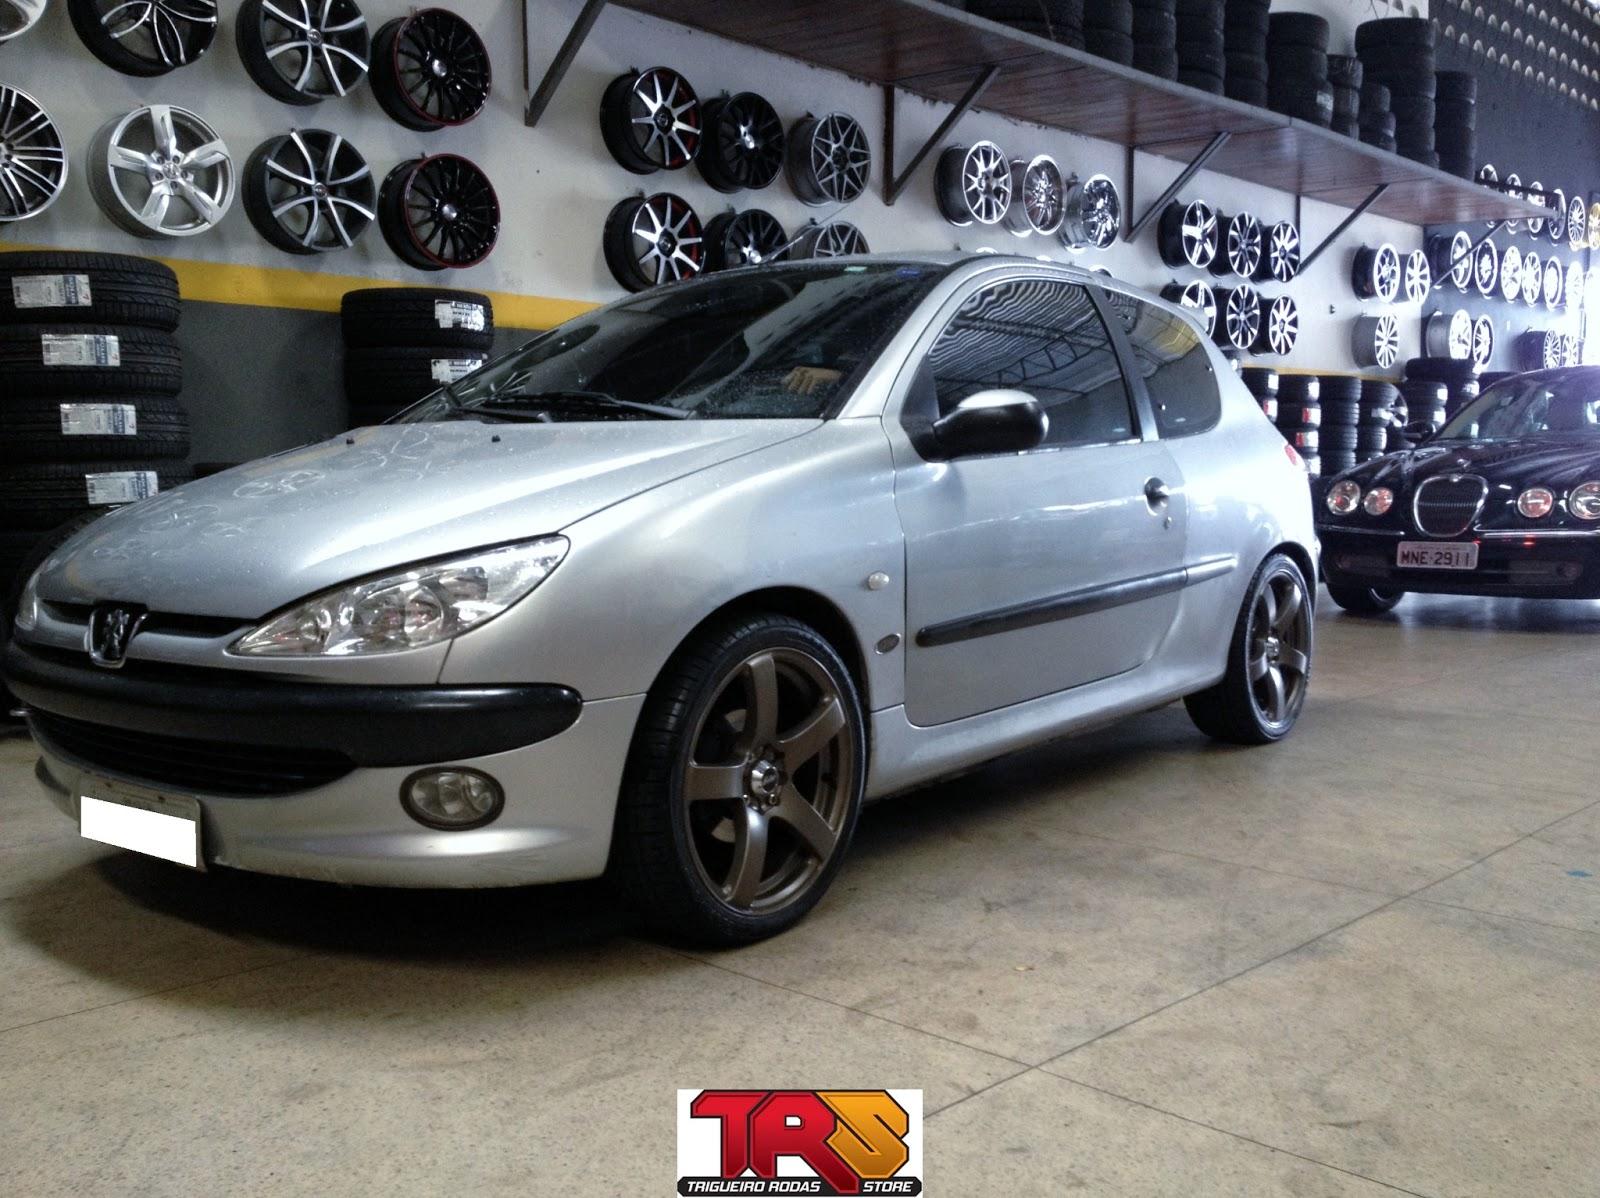 Trigueiro Rodas Store Www Trigueirorodas Com Br 84 32233905 Peugeot 206 Rodas Gallop